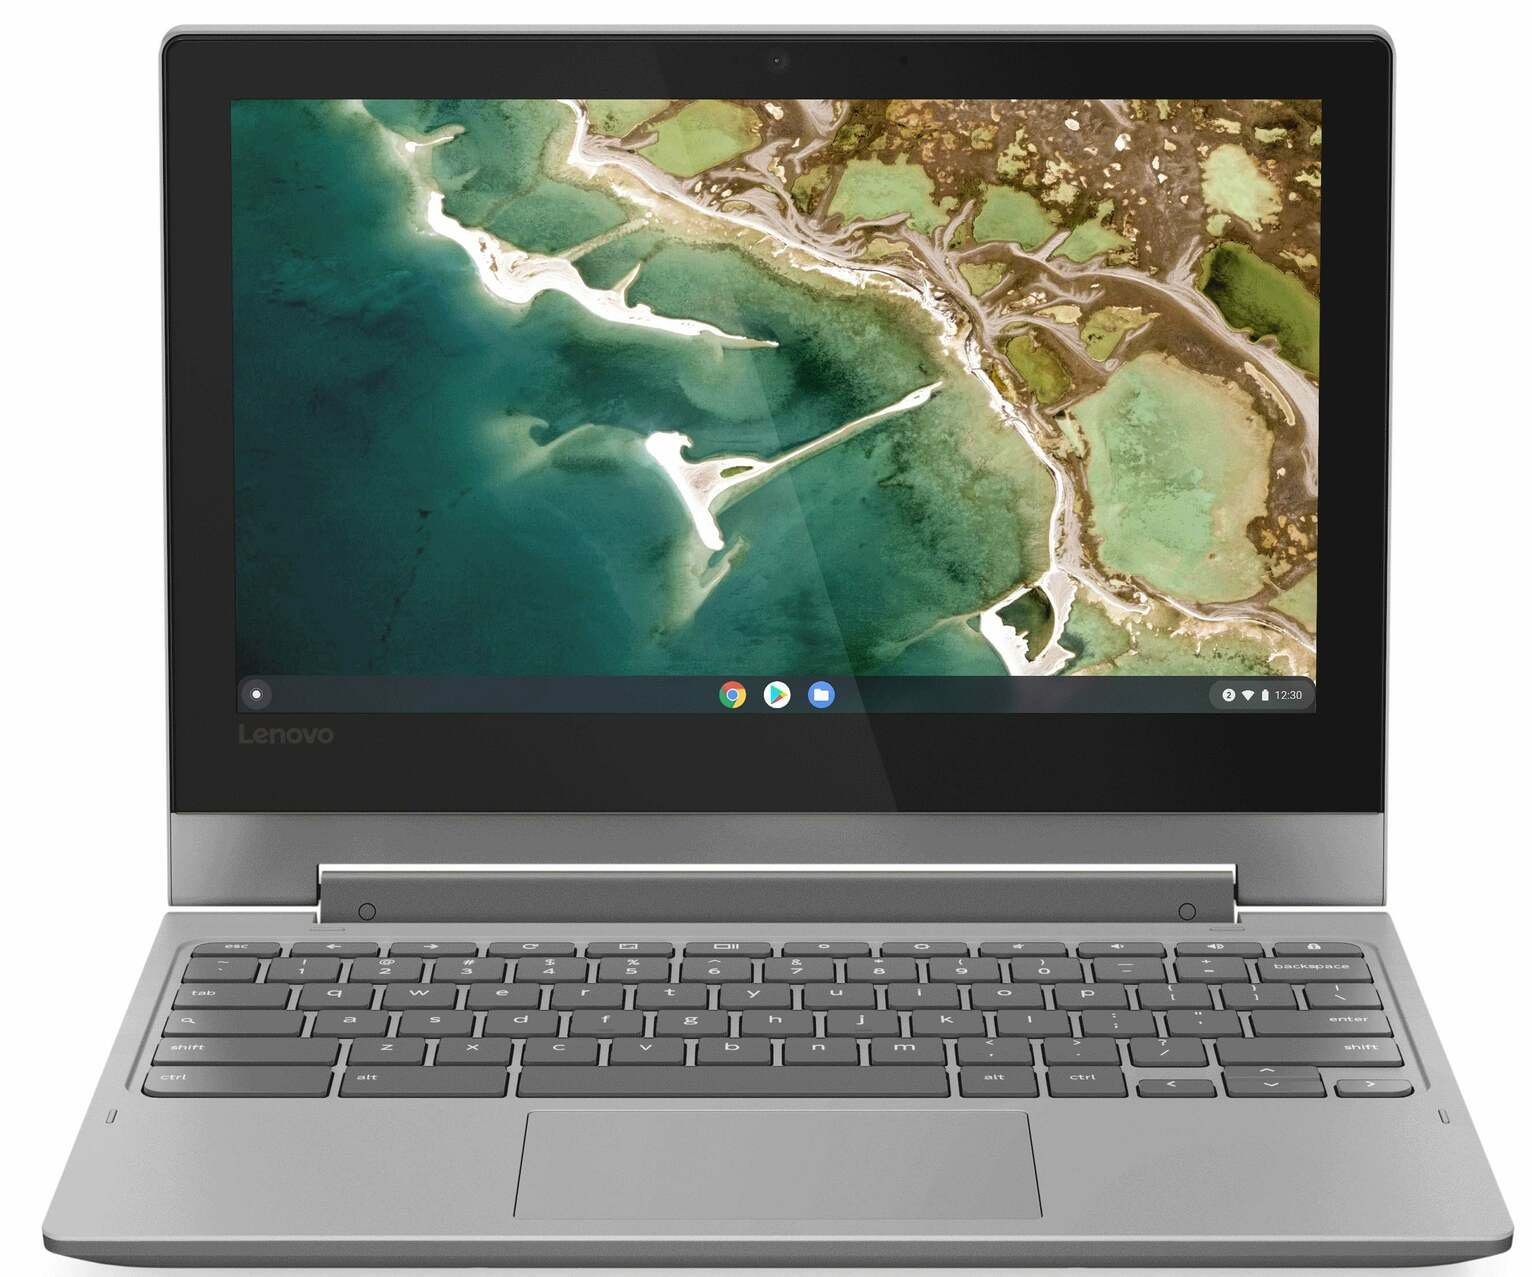 Lenovo IdeaPad Flex 3 11.6in MediaTek 4GB 32GB Chromebook